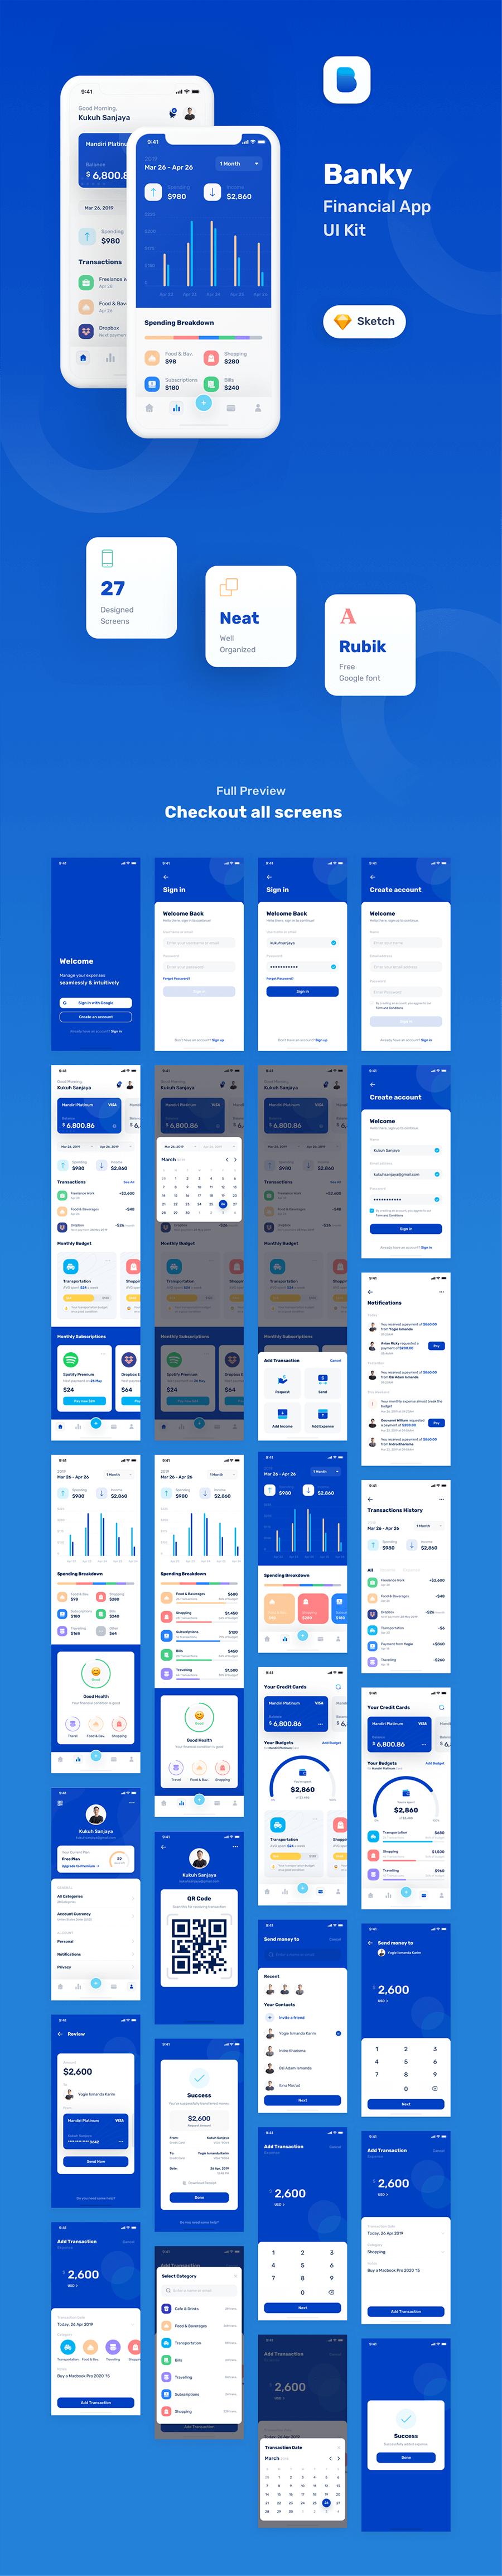 金融套装模板下载 iOS Ui app设计UI素材Banky – Finance App UI Kit插图(5)